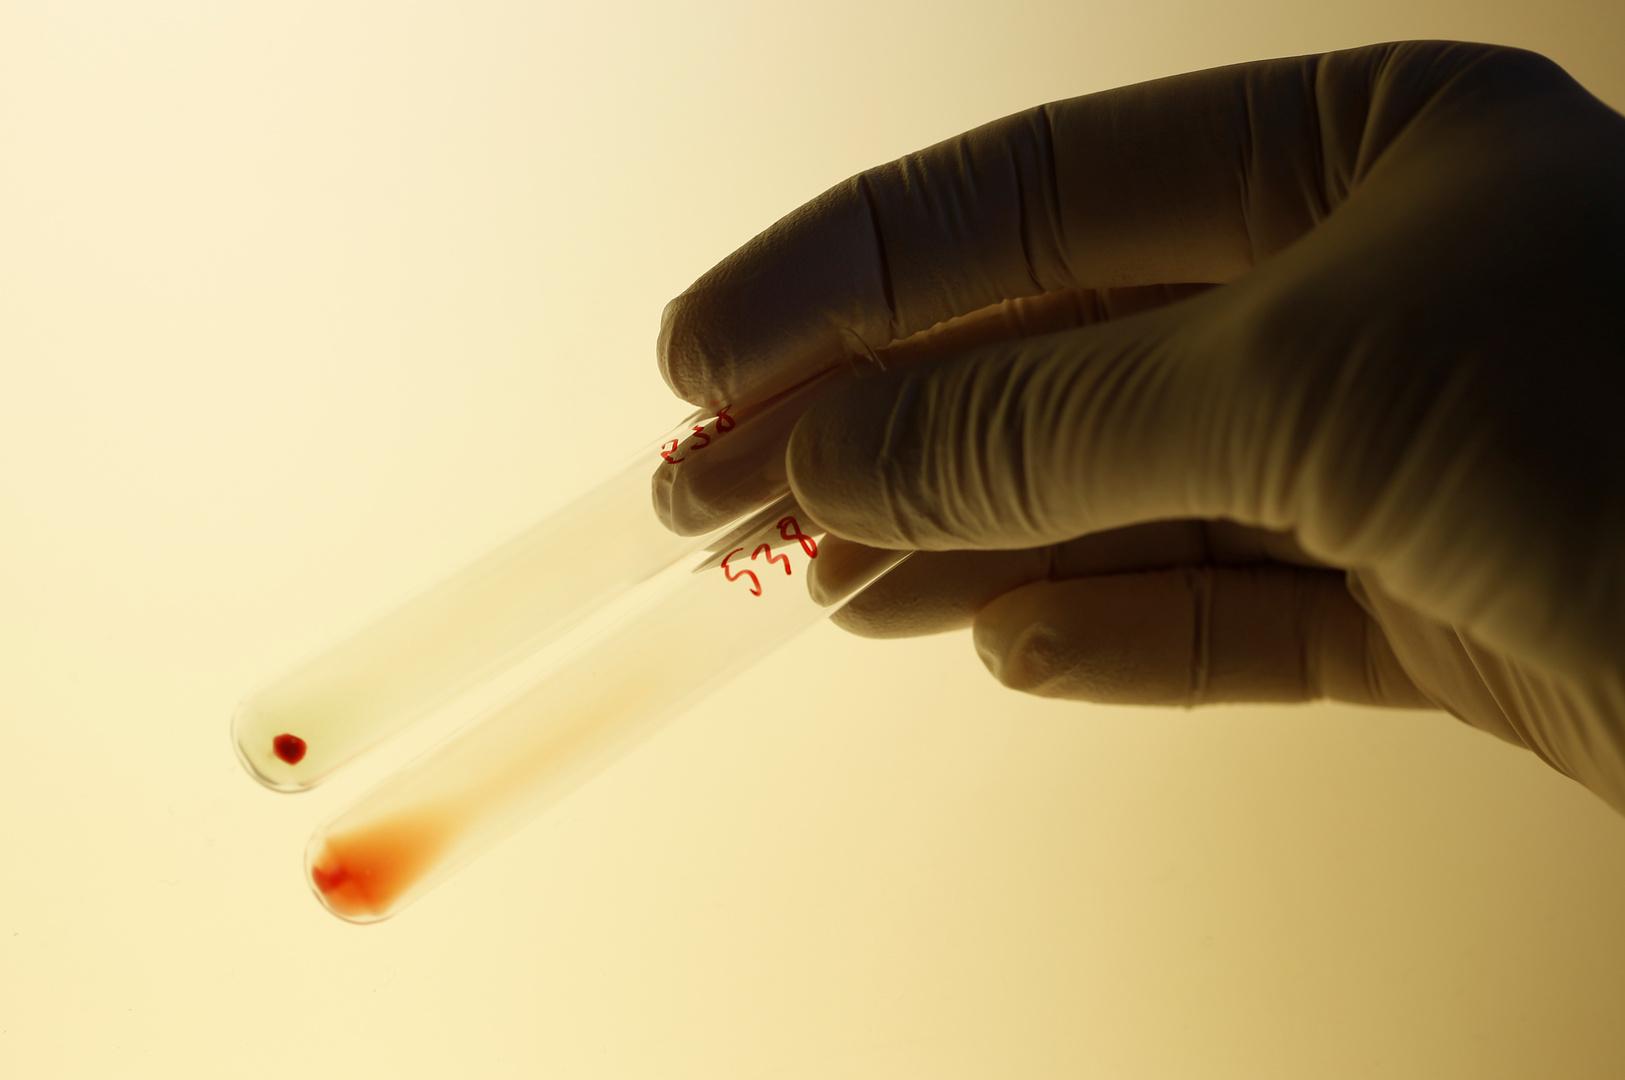 علماء  يكتشفون علاقة بين أمراض خطيرة ونوع فصيلة الدم